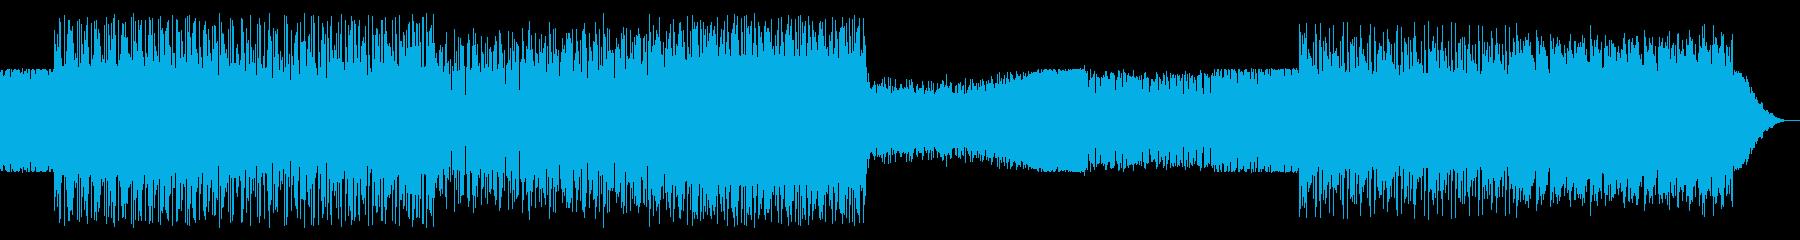 シンプルなアルペジオのテクノ12の再生済みの波形